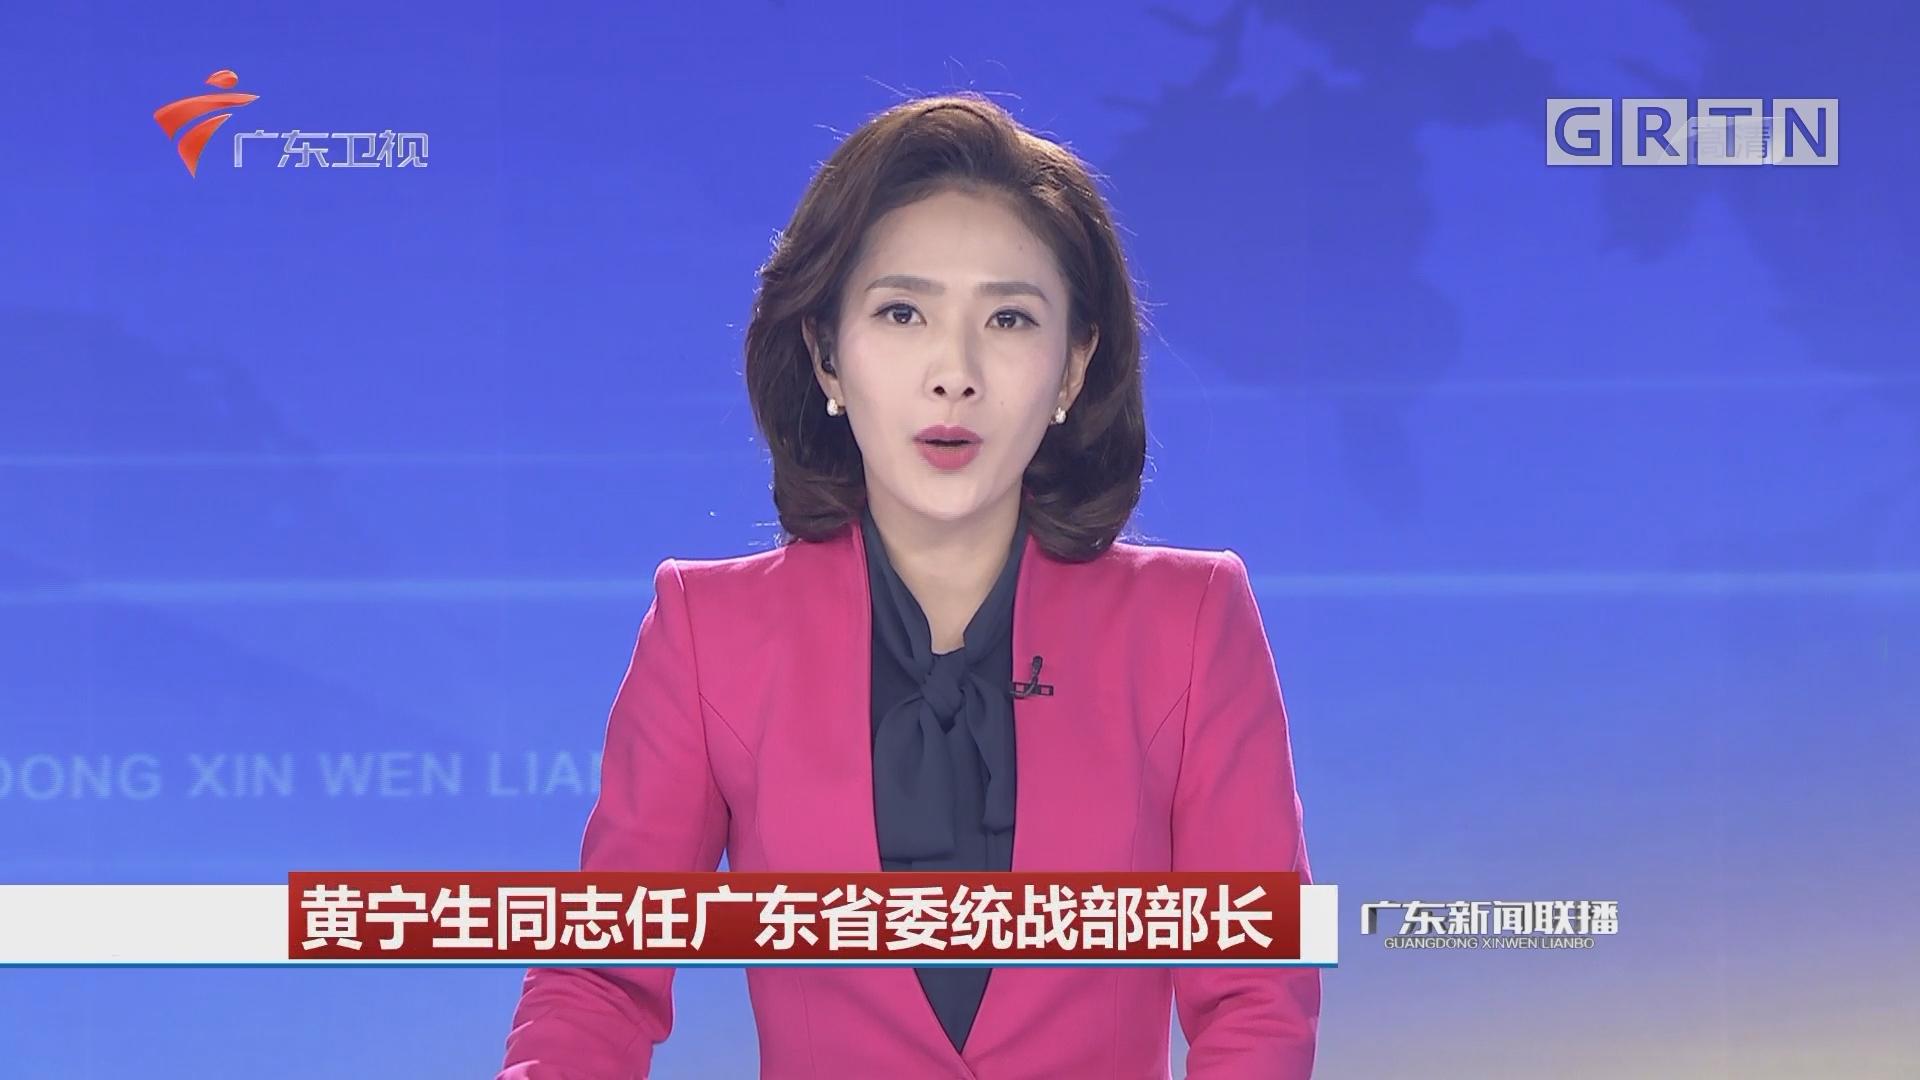 黄宁生同志任广东省委统战部部长